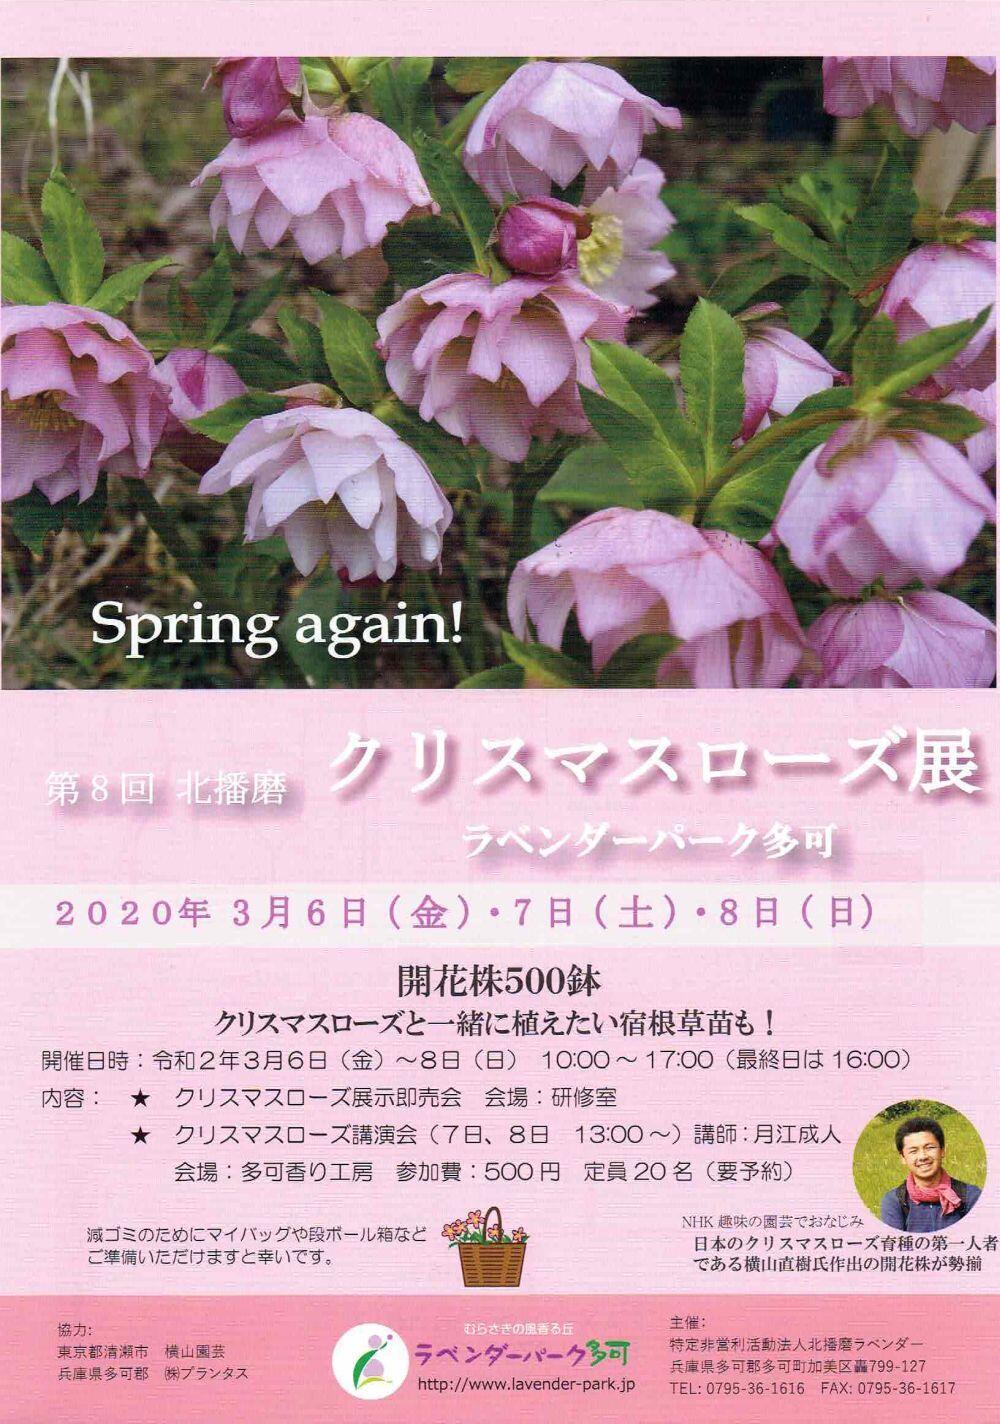 3/6~8 第8回北播磨クリスマスローズ展示即売会:ラベンダーパーク多可